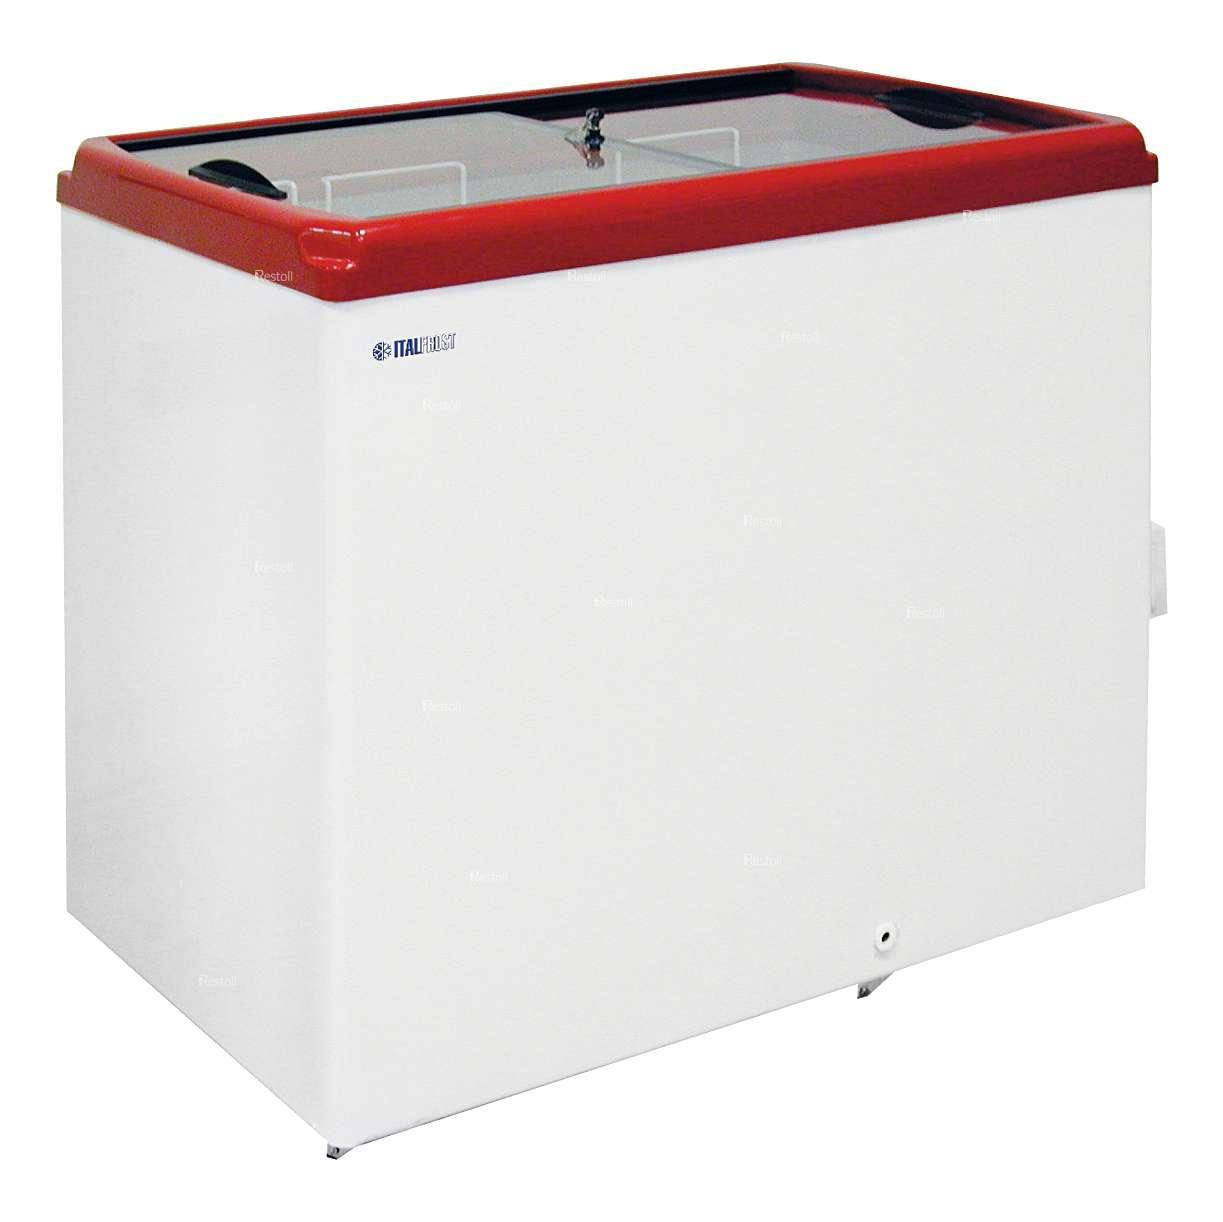 Ларь морозильный Italfrost CF300F (ЛВН 300 П) красный